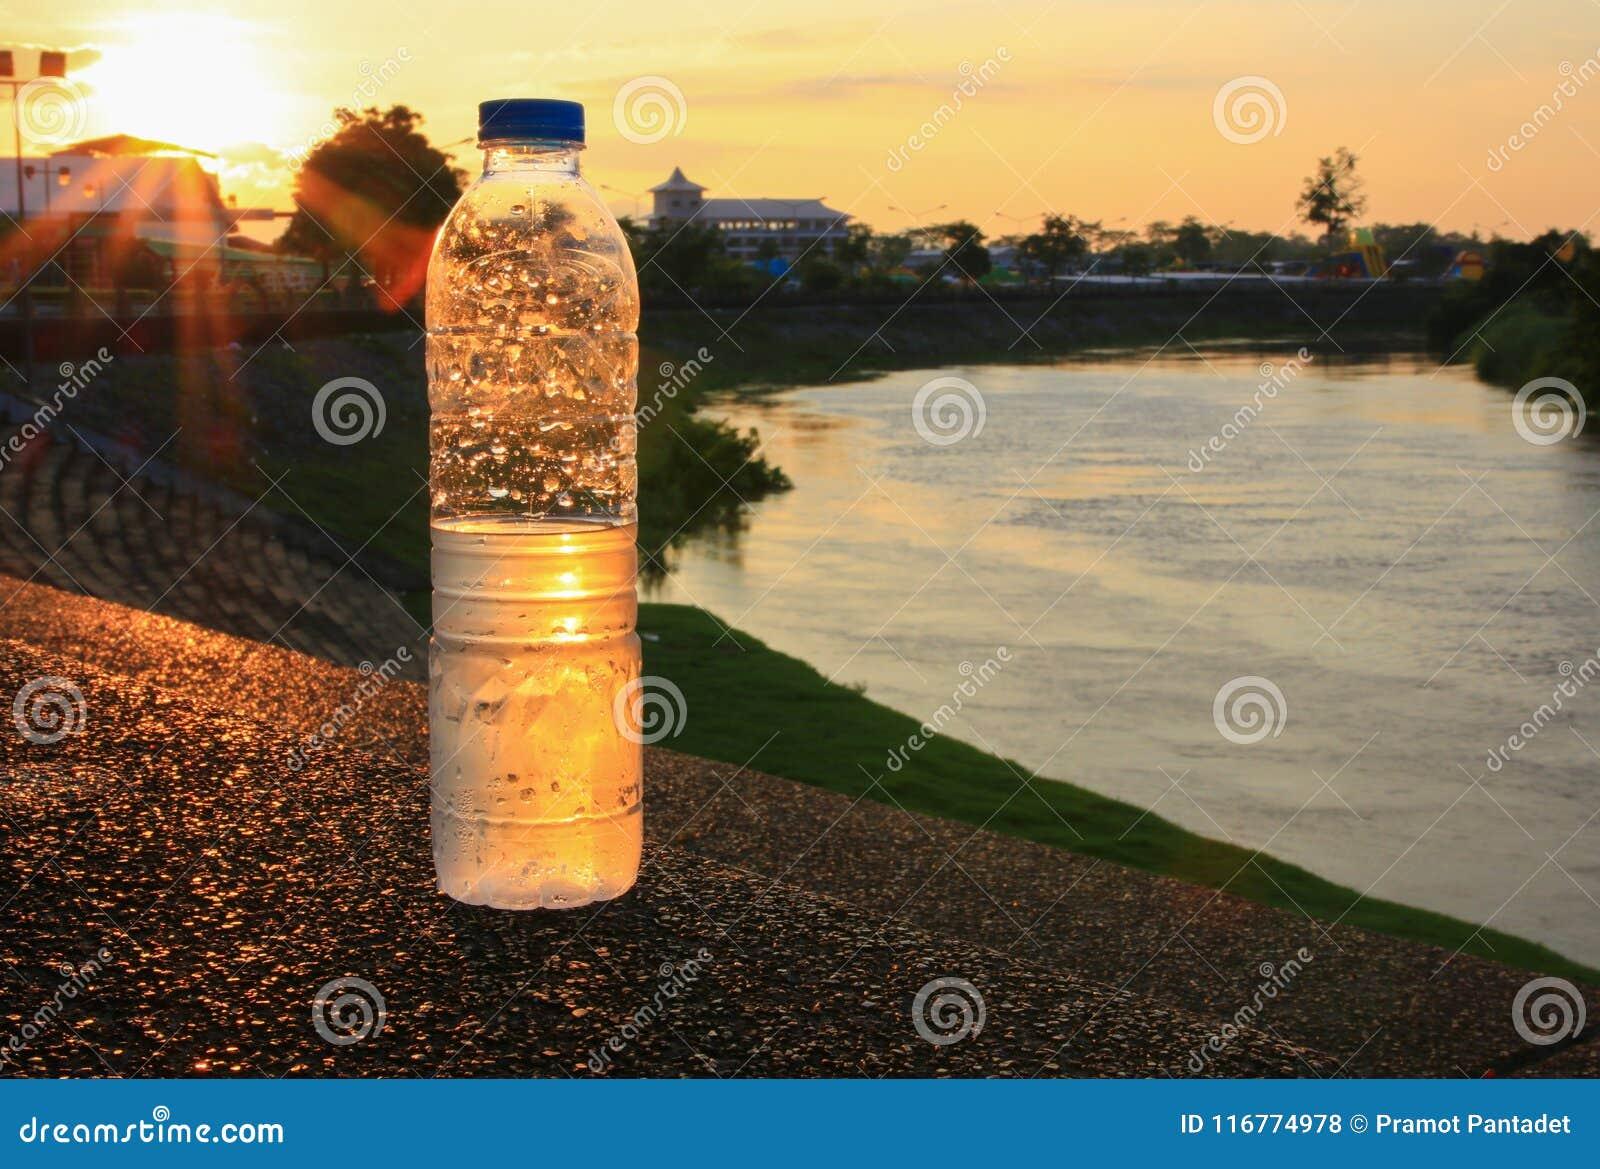 Πλαστικό μπουκάλι νερό στο πάτωμα πετρών σε ένα δημόσιο πάρκο στο ηλιοβασίλεμα, χρόνος ανατολής